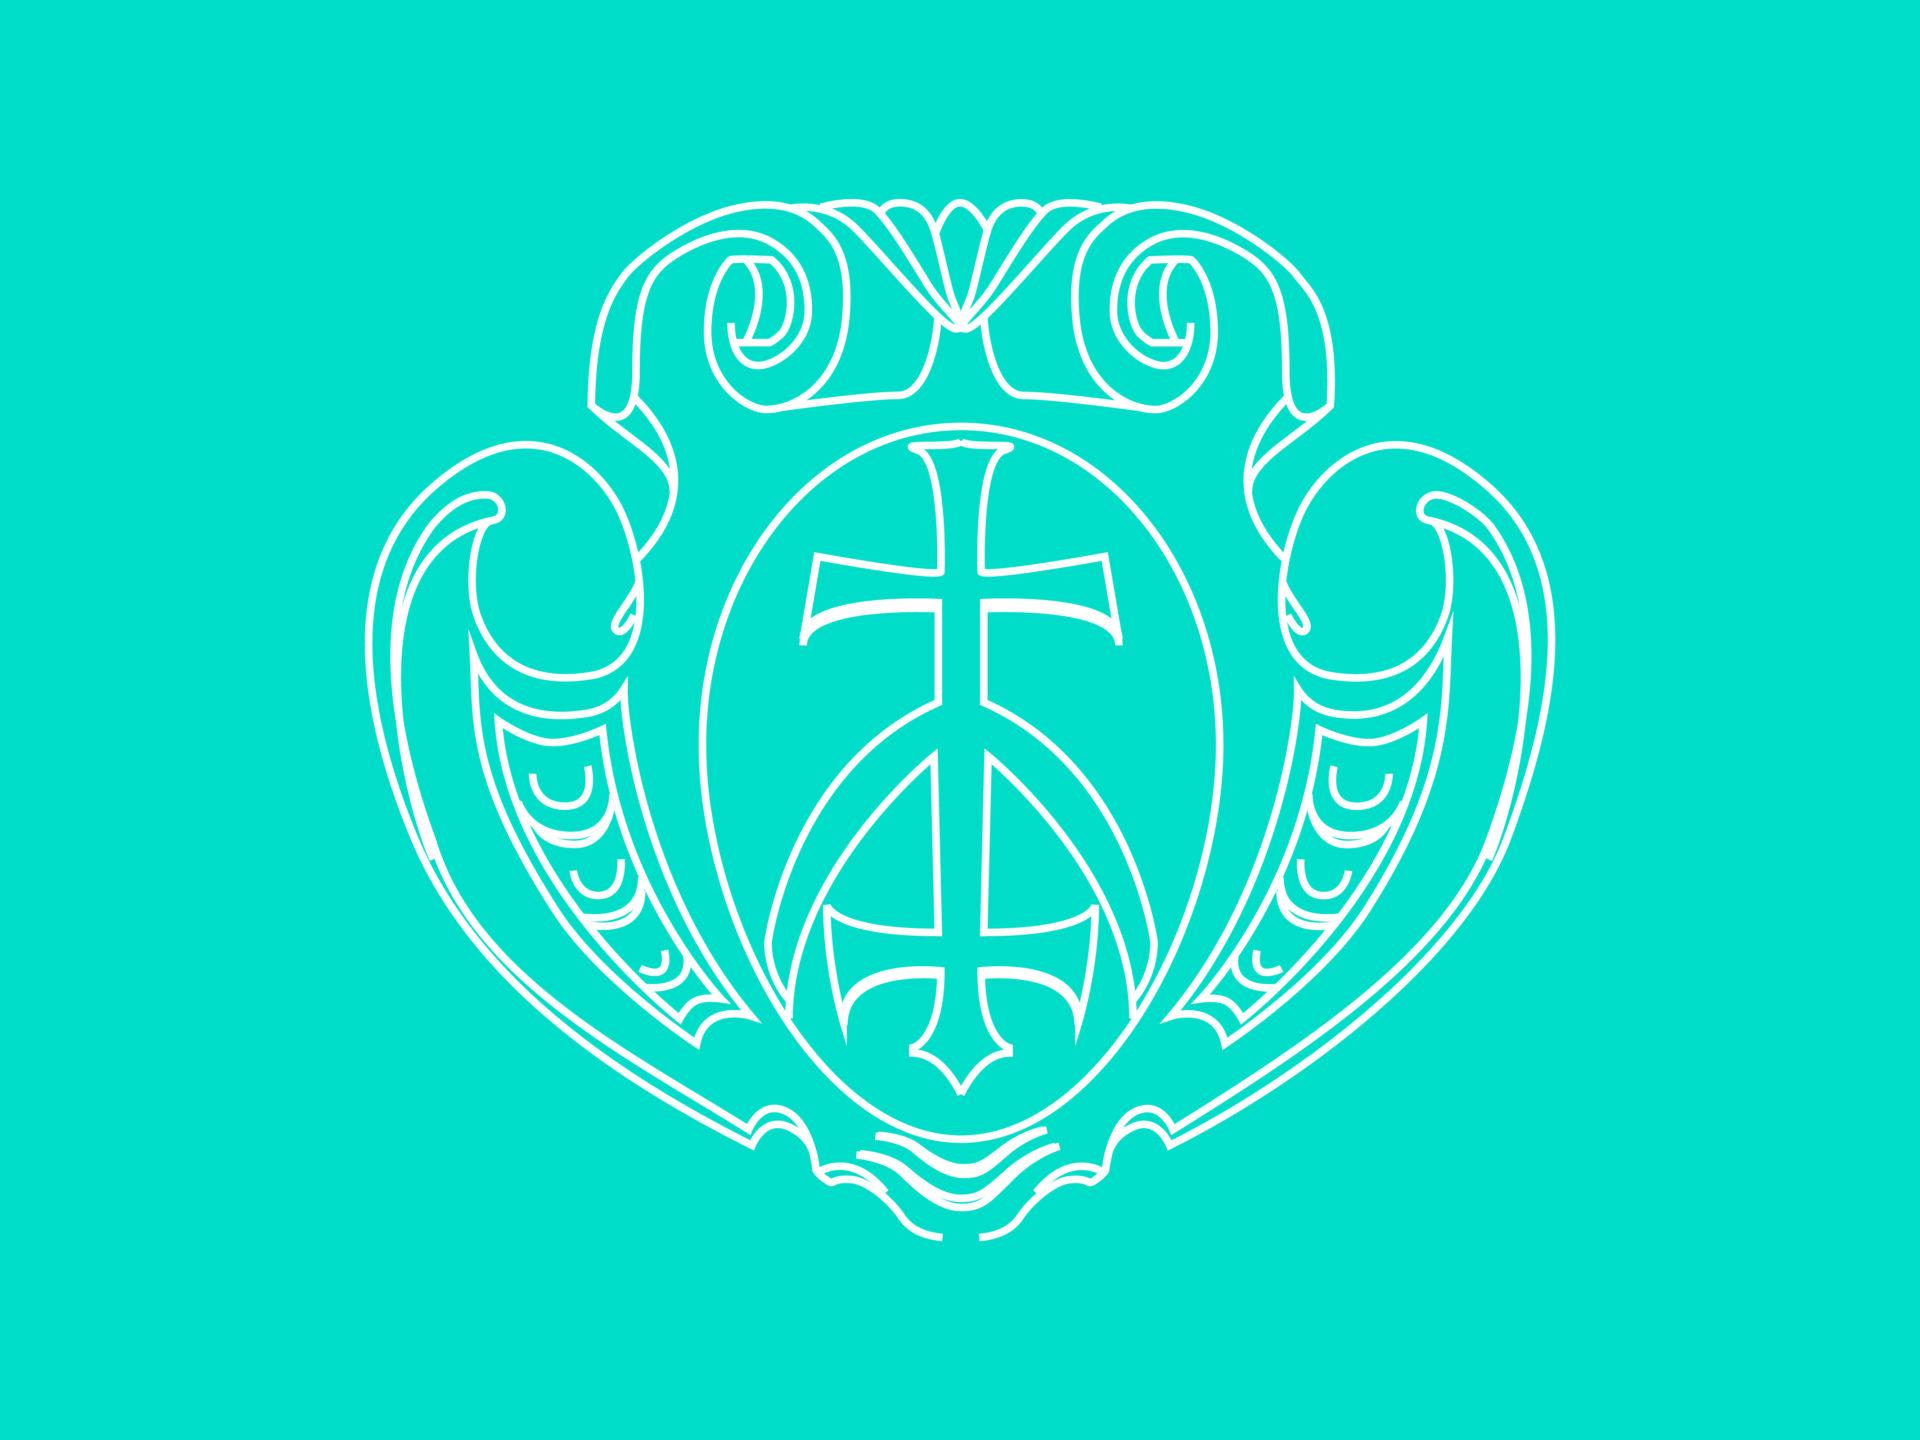 Rysunek. Gmerk wformie kartusza herbowego, zawiniętego nakształt dwóch spirali wgórnej części. Naśrodku, wowalu, dwa krzyże kawalerskie połączone dłuższymi ramionami. Górny krzyż podparty lekko zaokrągloną krokwią.